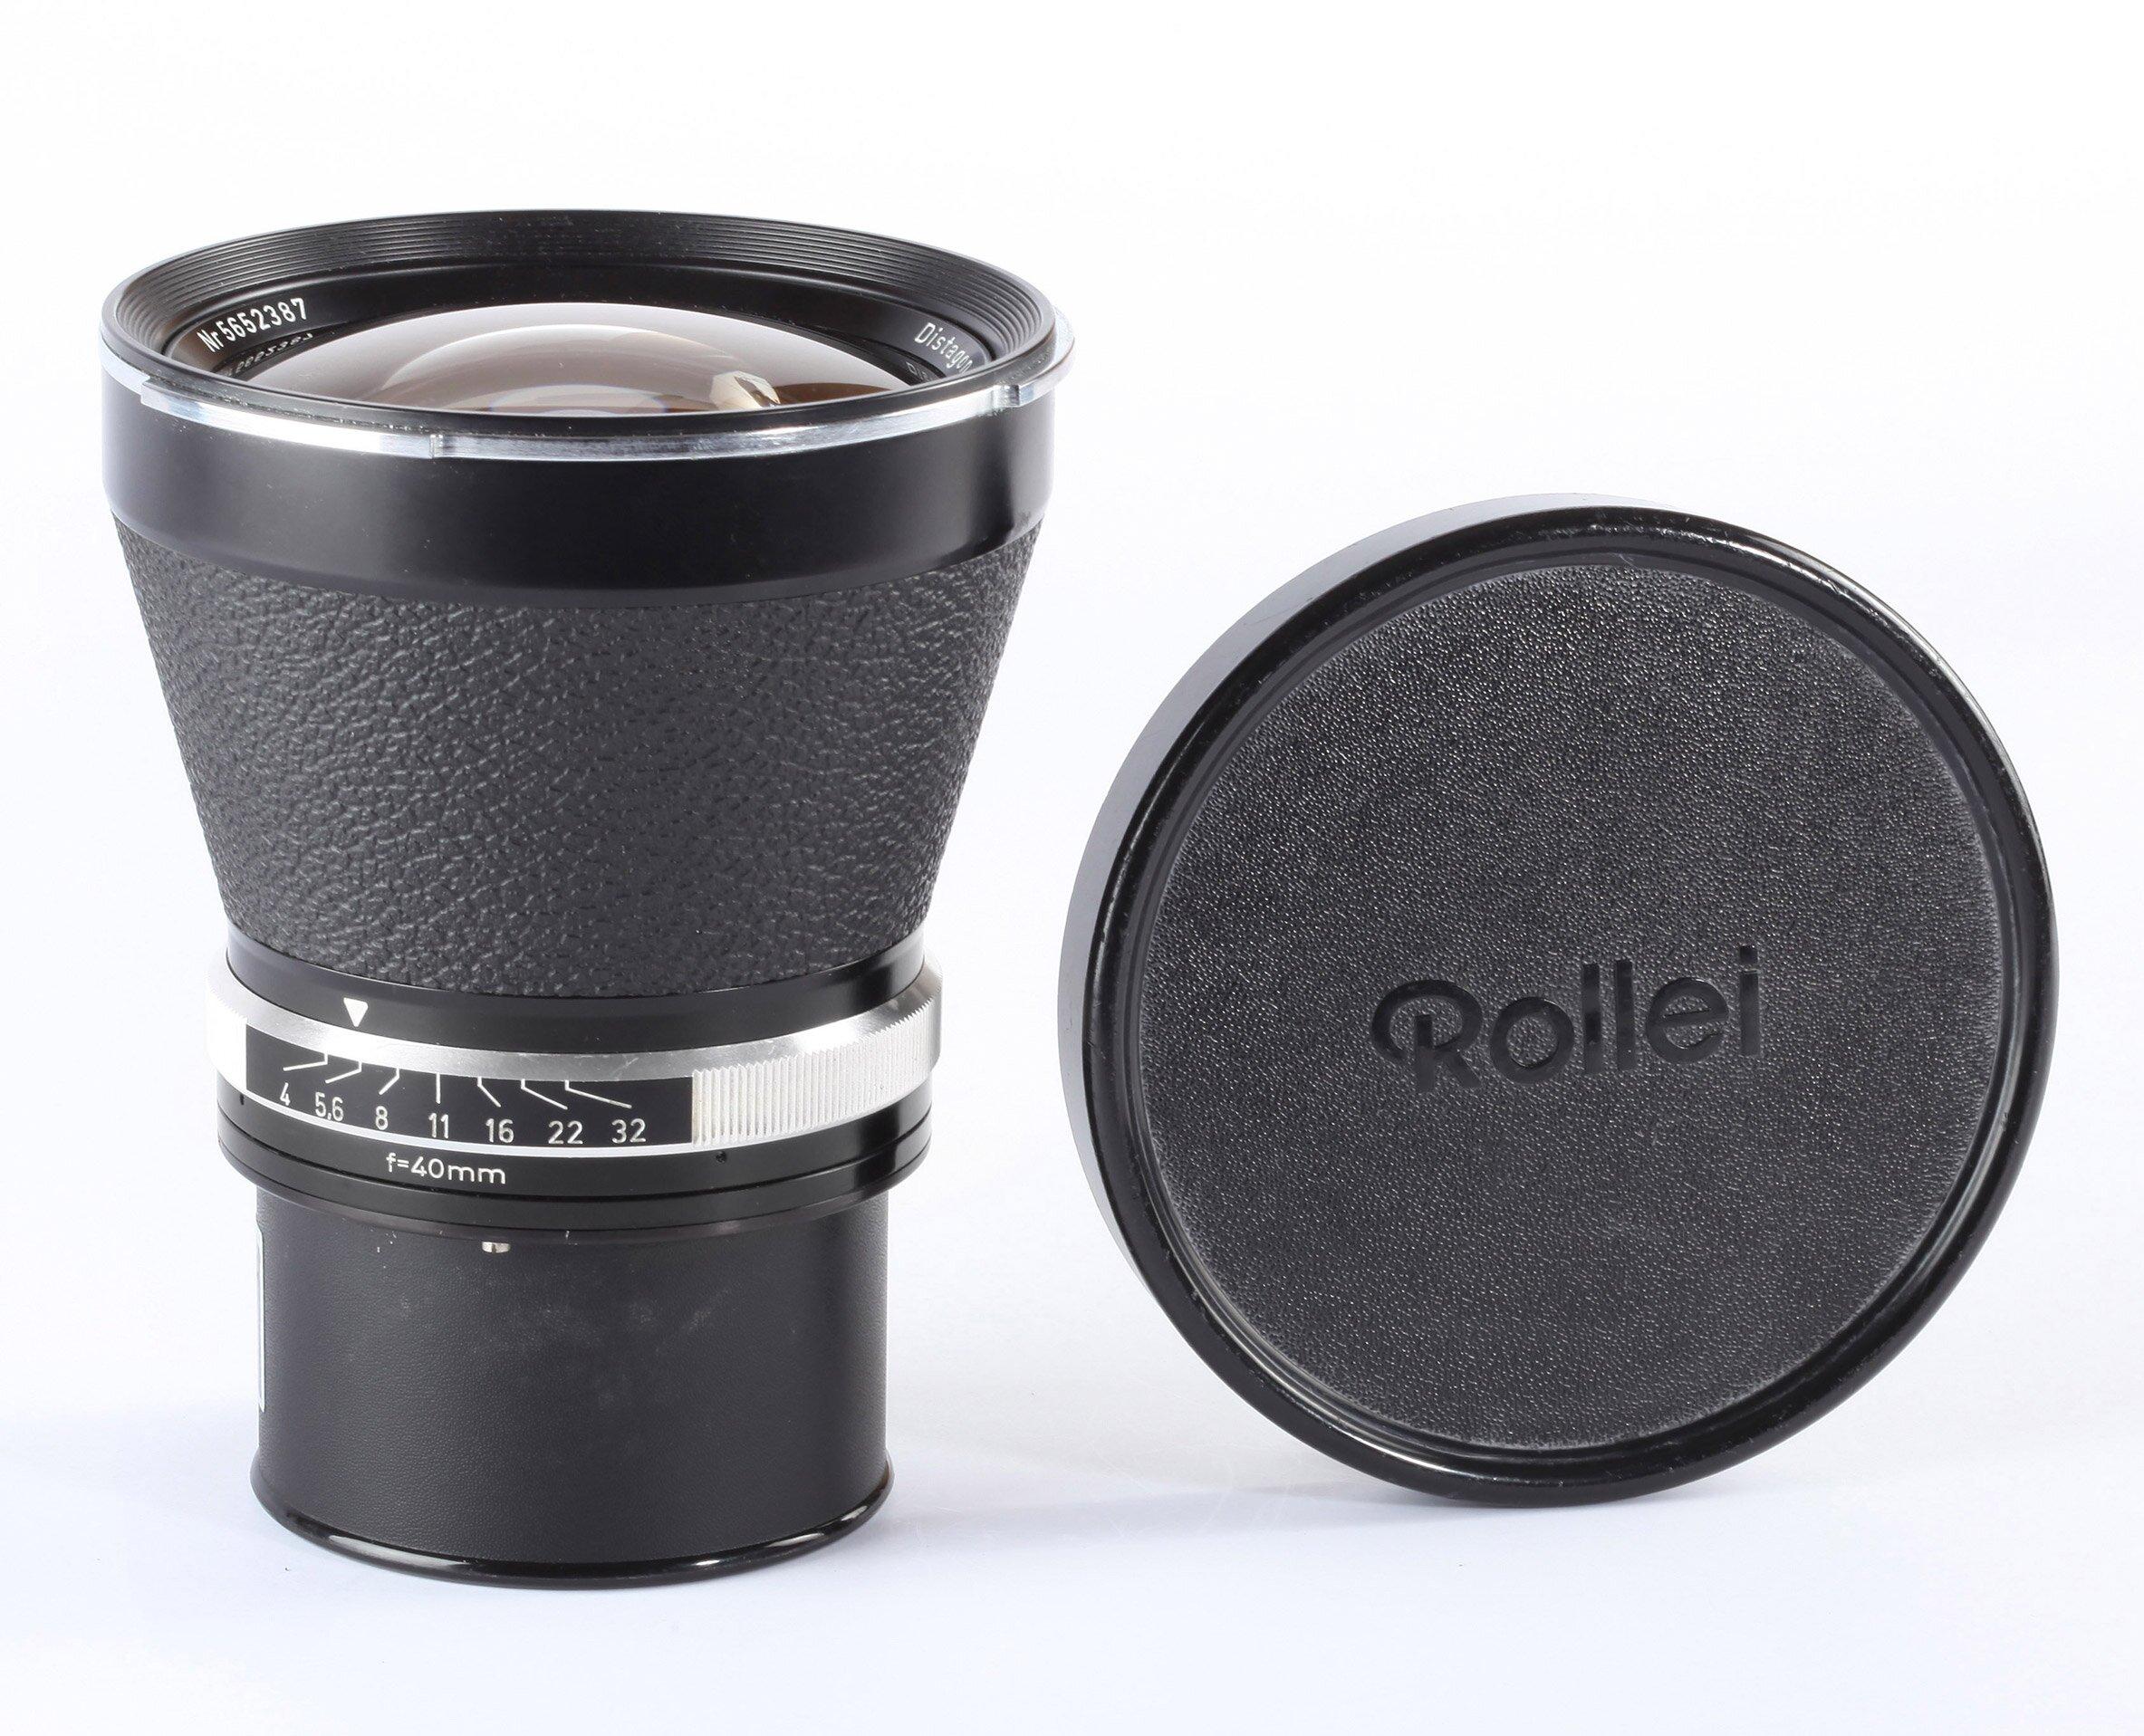 Rollei SL66 40mm 4 Distagon Rolleiflex